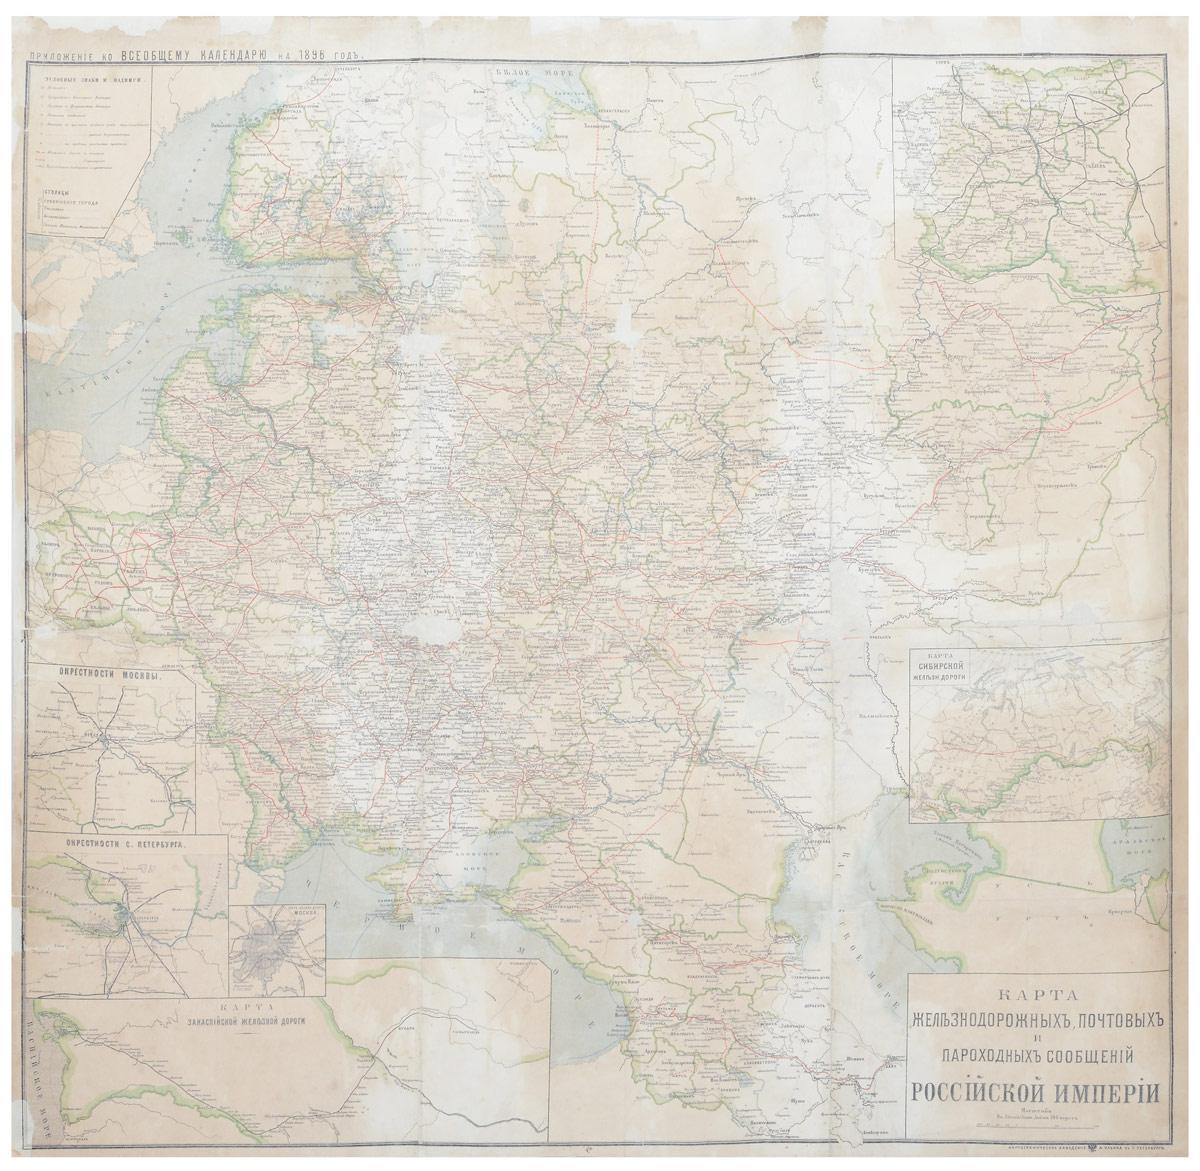 Географическая карта железнодорожных, почтовых и пароходных сообщений Российской империи. Российская империя, конец XIX века